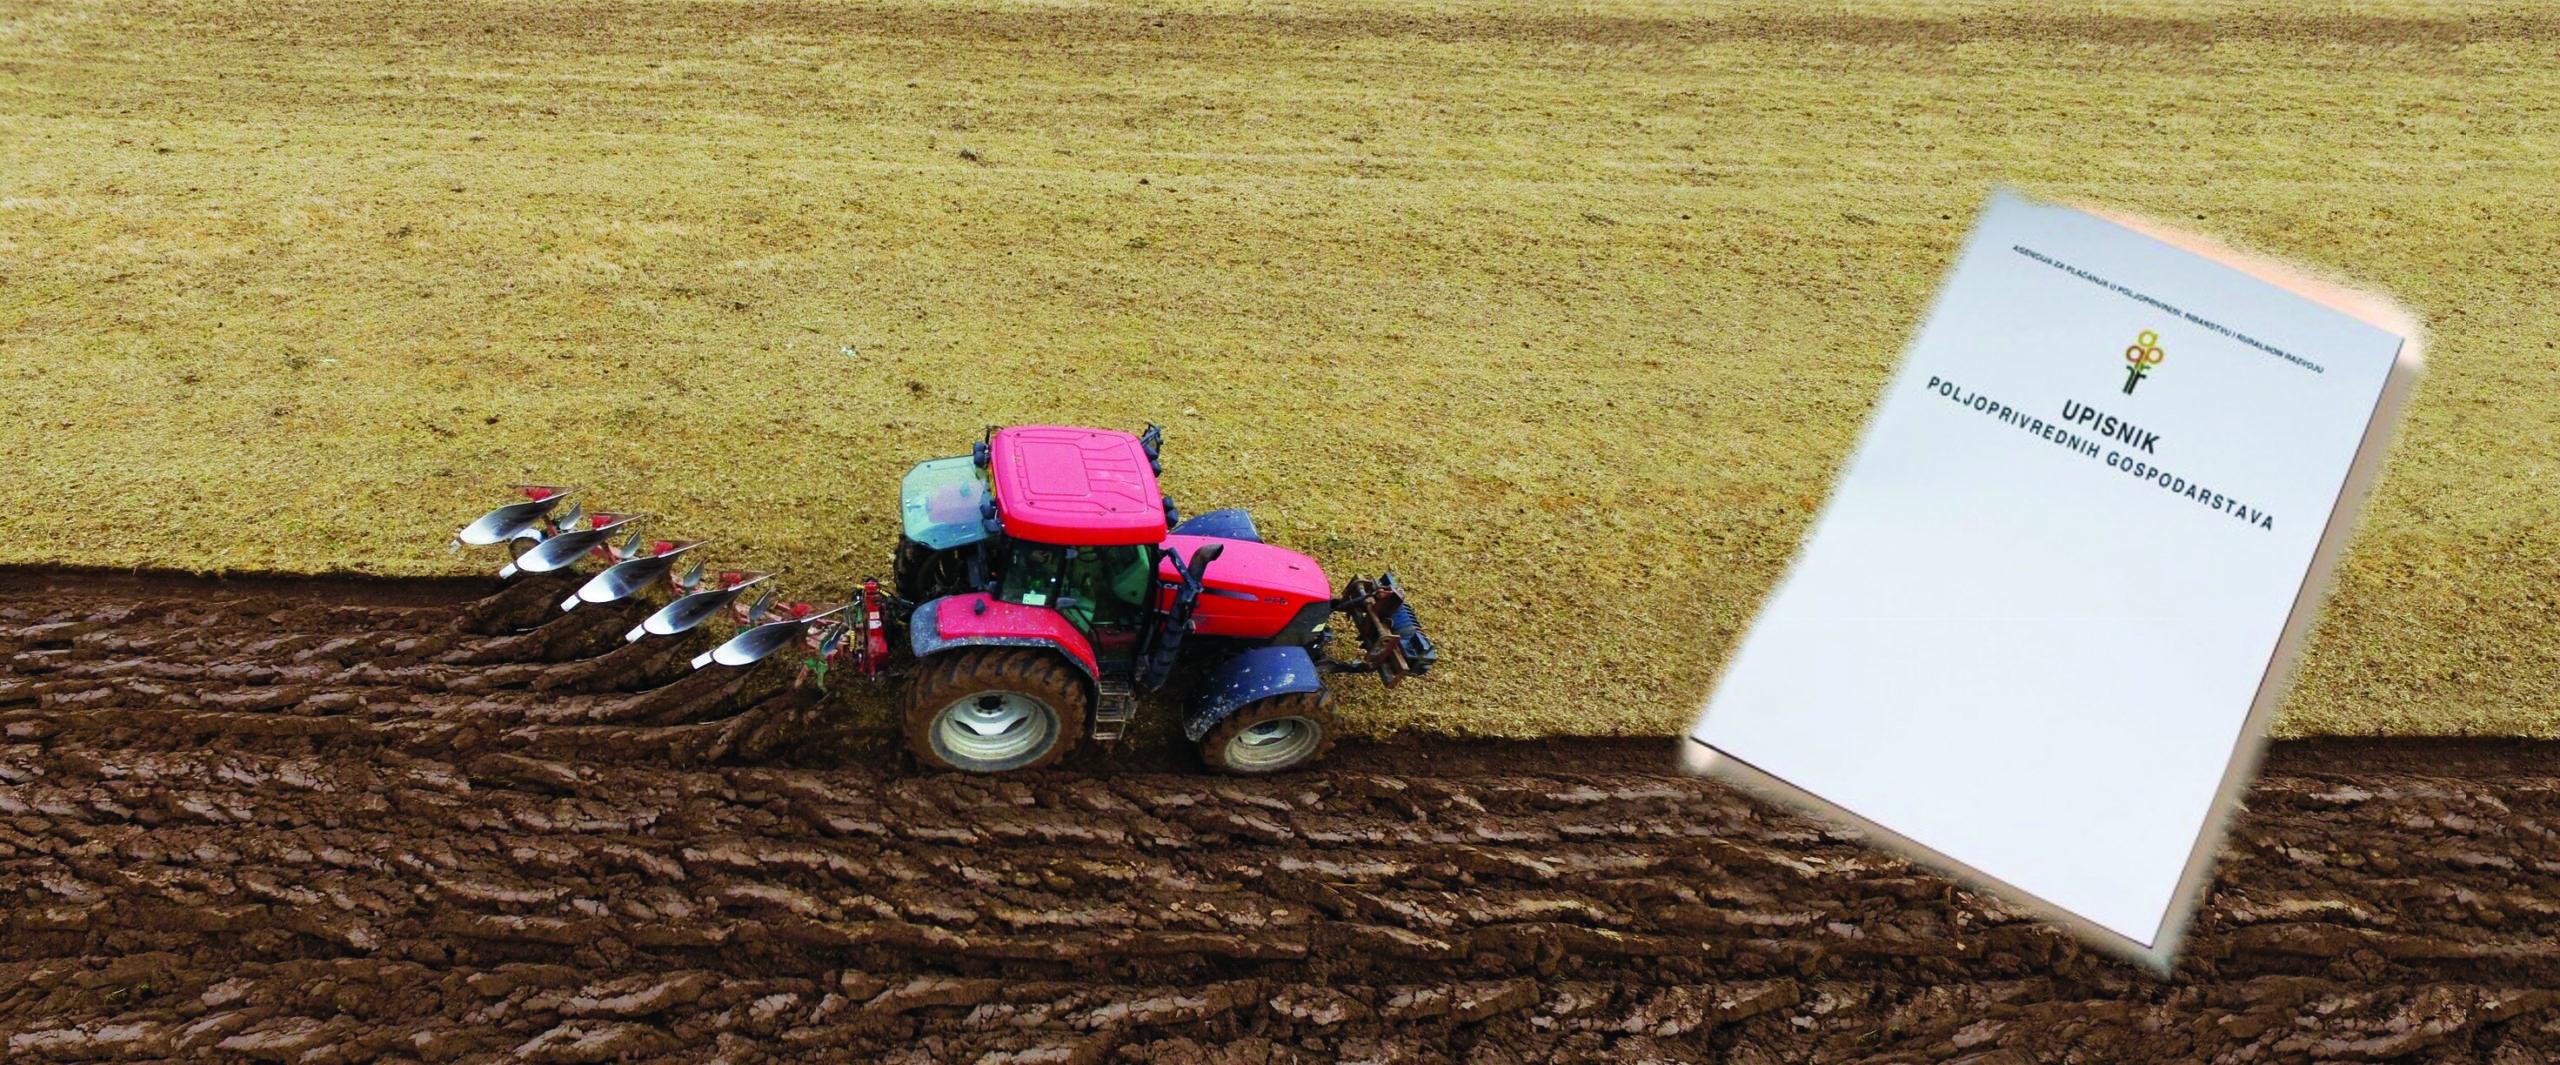 pravilnik o upisniku obiteljski poljoprivrednih gospodarstava